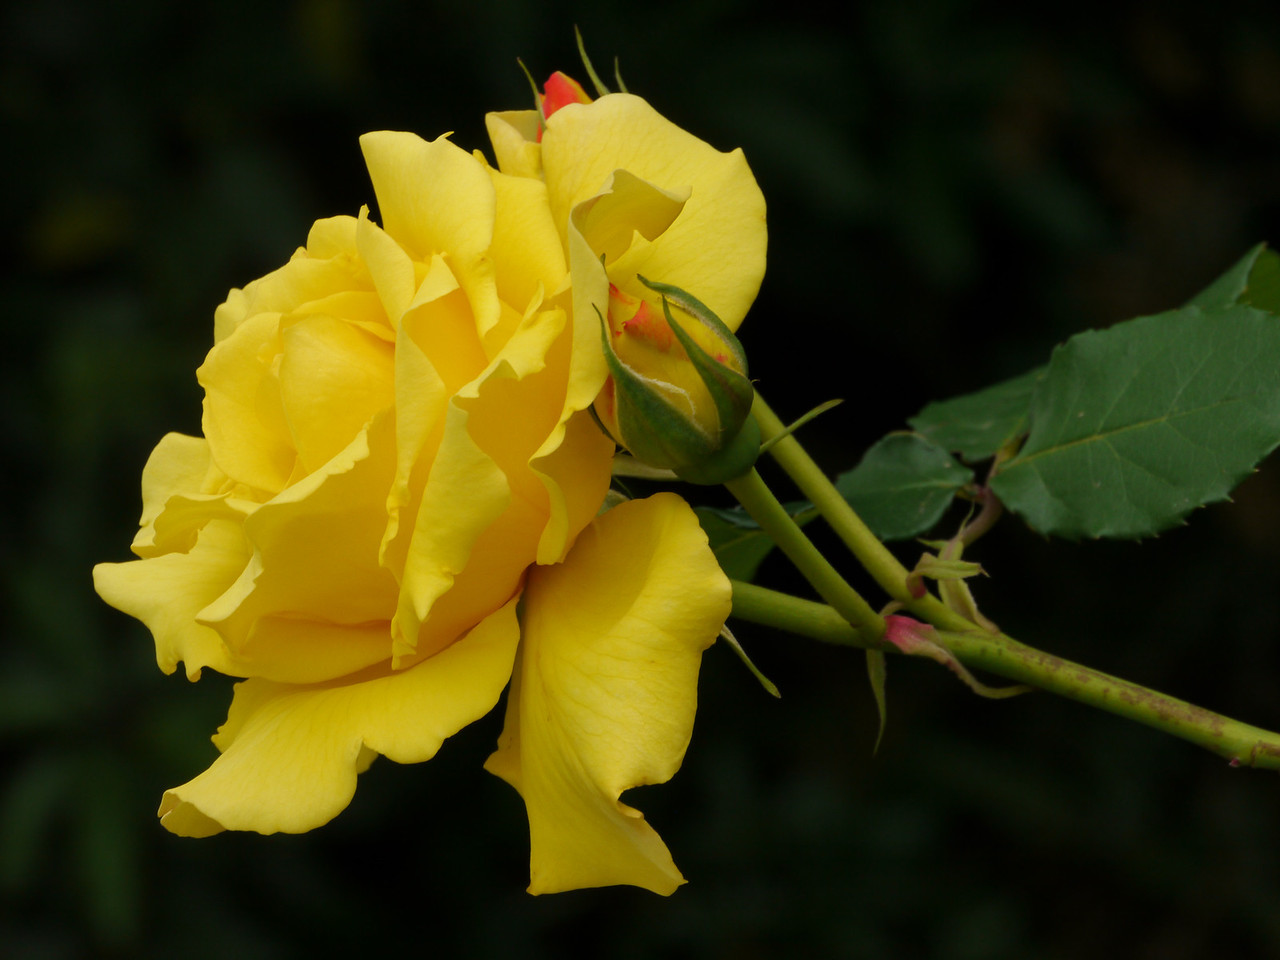 20121015_1208_3974 rose